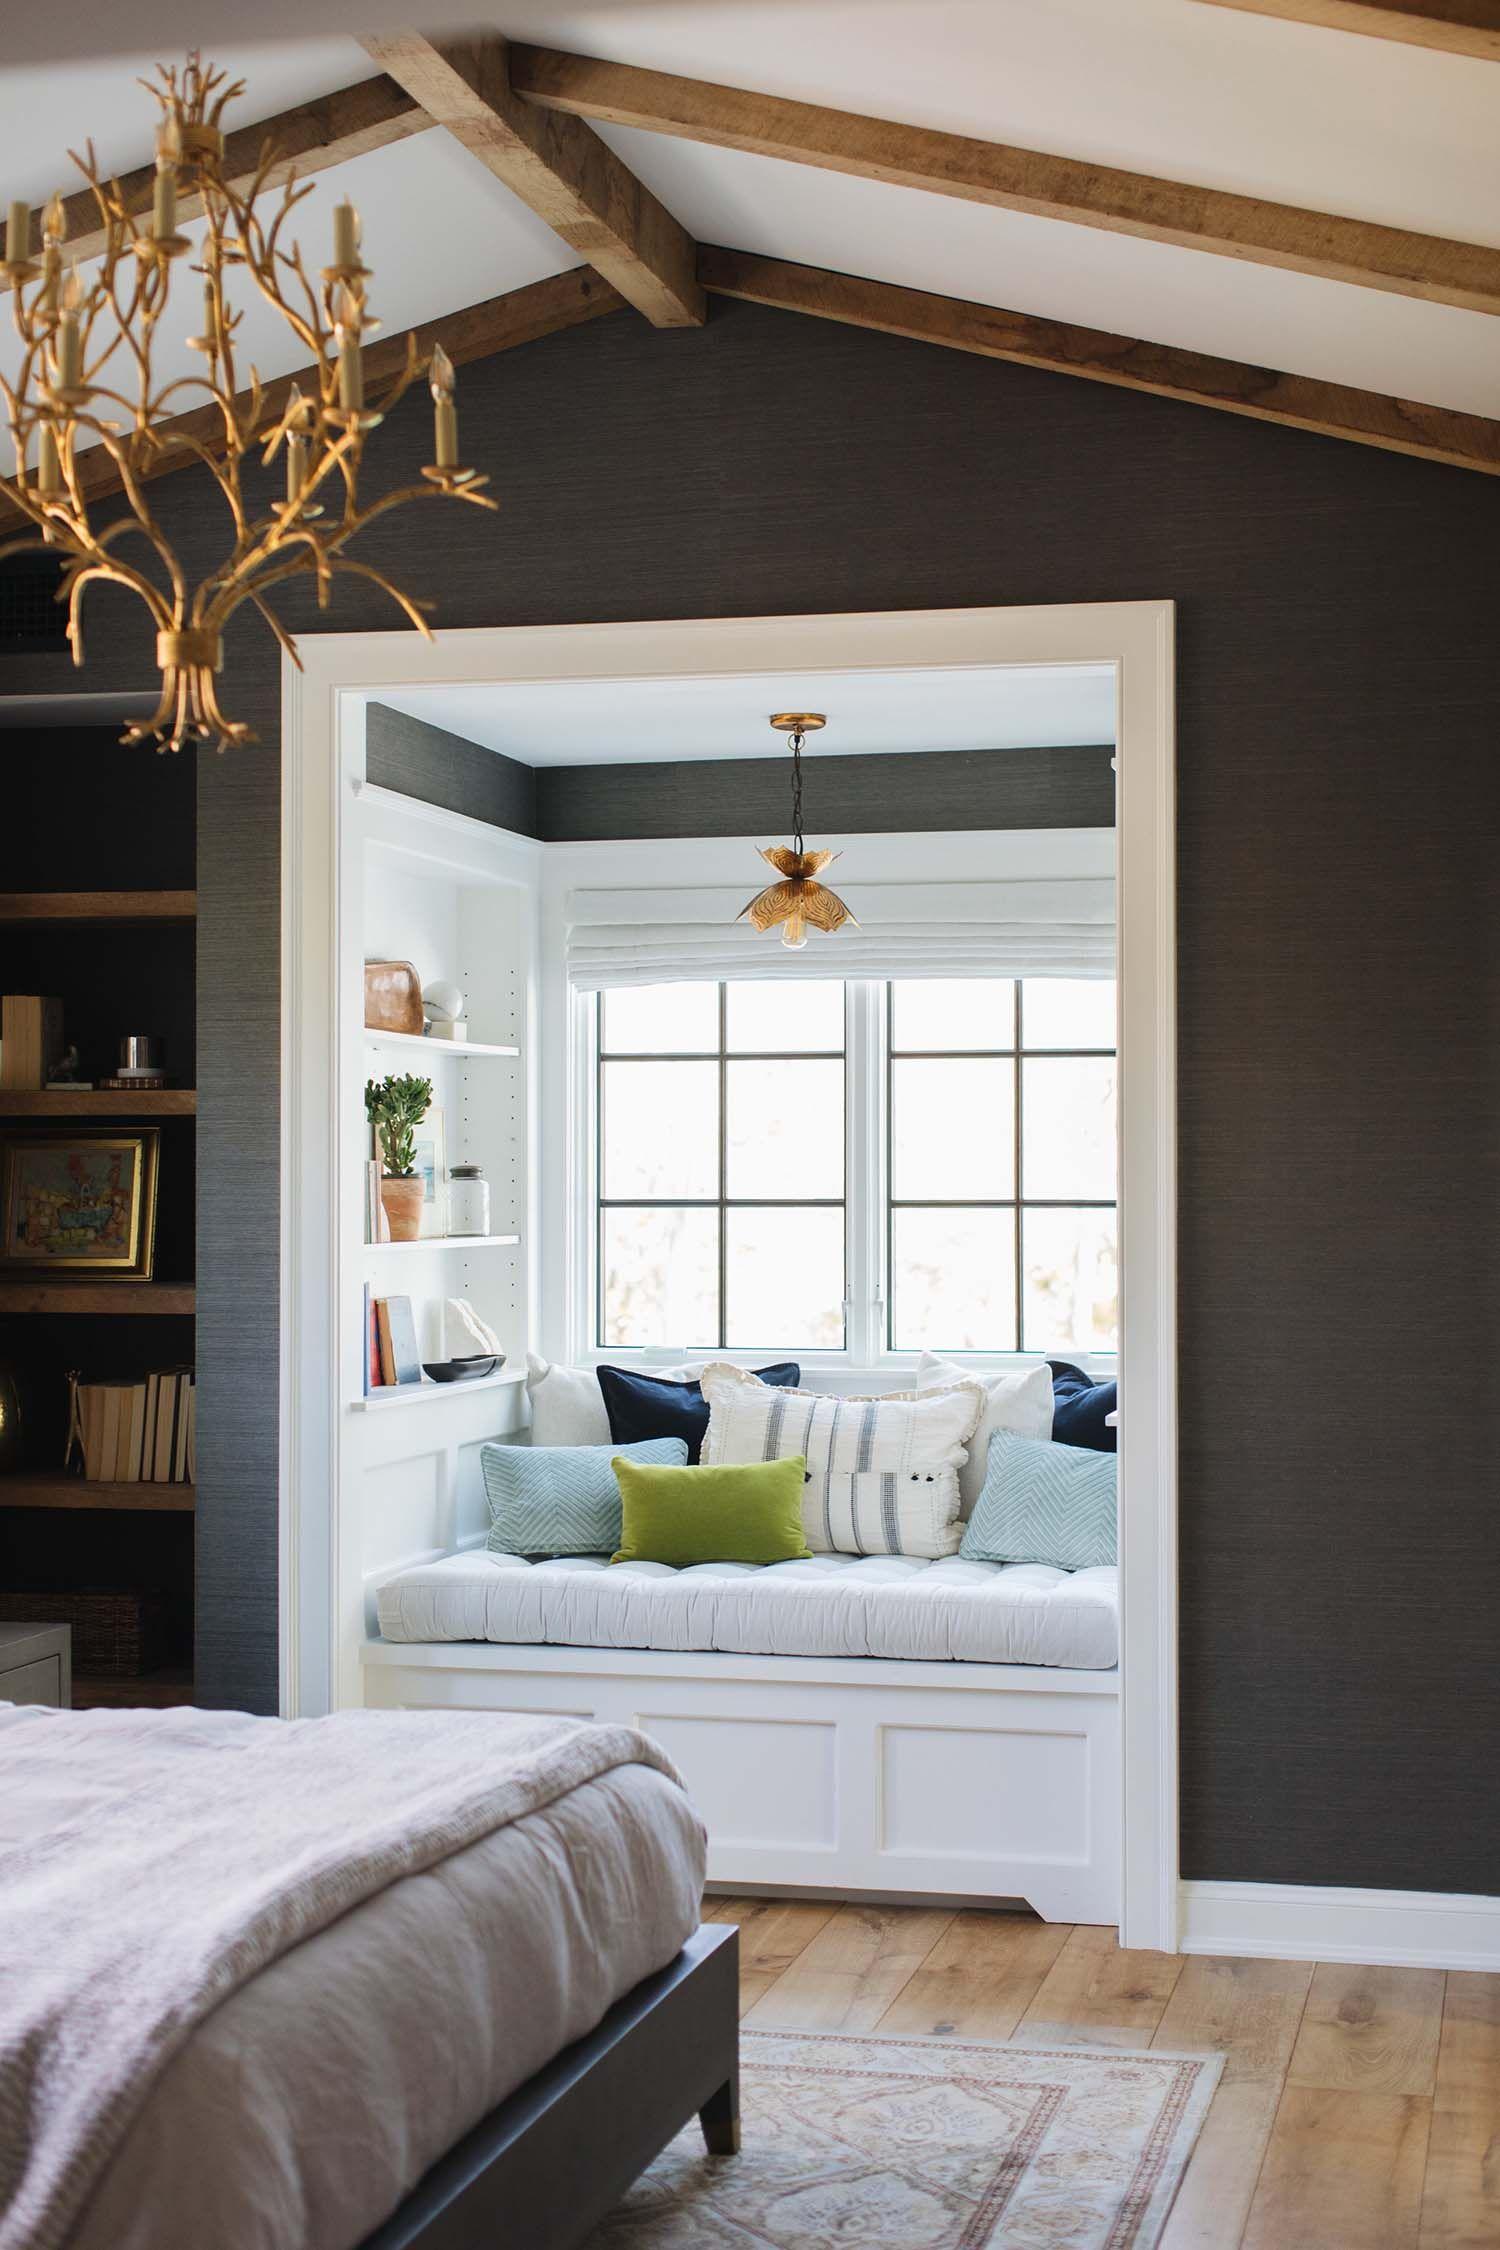 Entzückendes modernes Bauernhaus Stil Haus in East Grand Rapids eingebettet #modernfarmhousebedroom